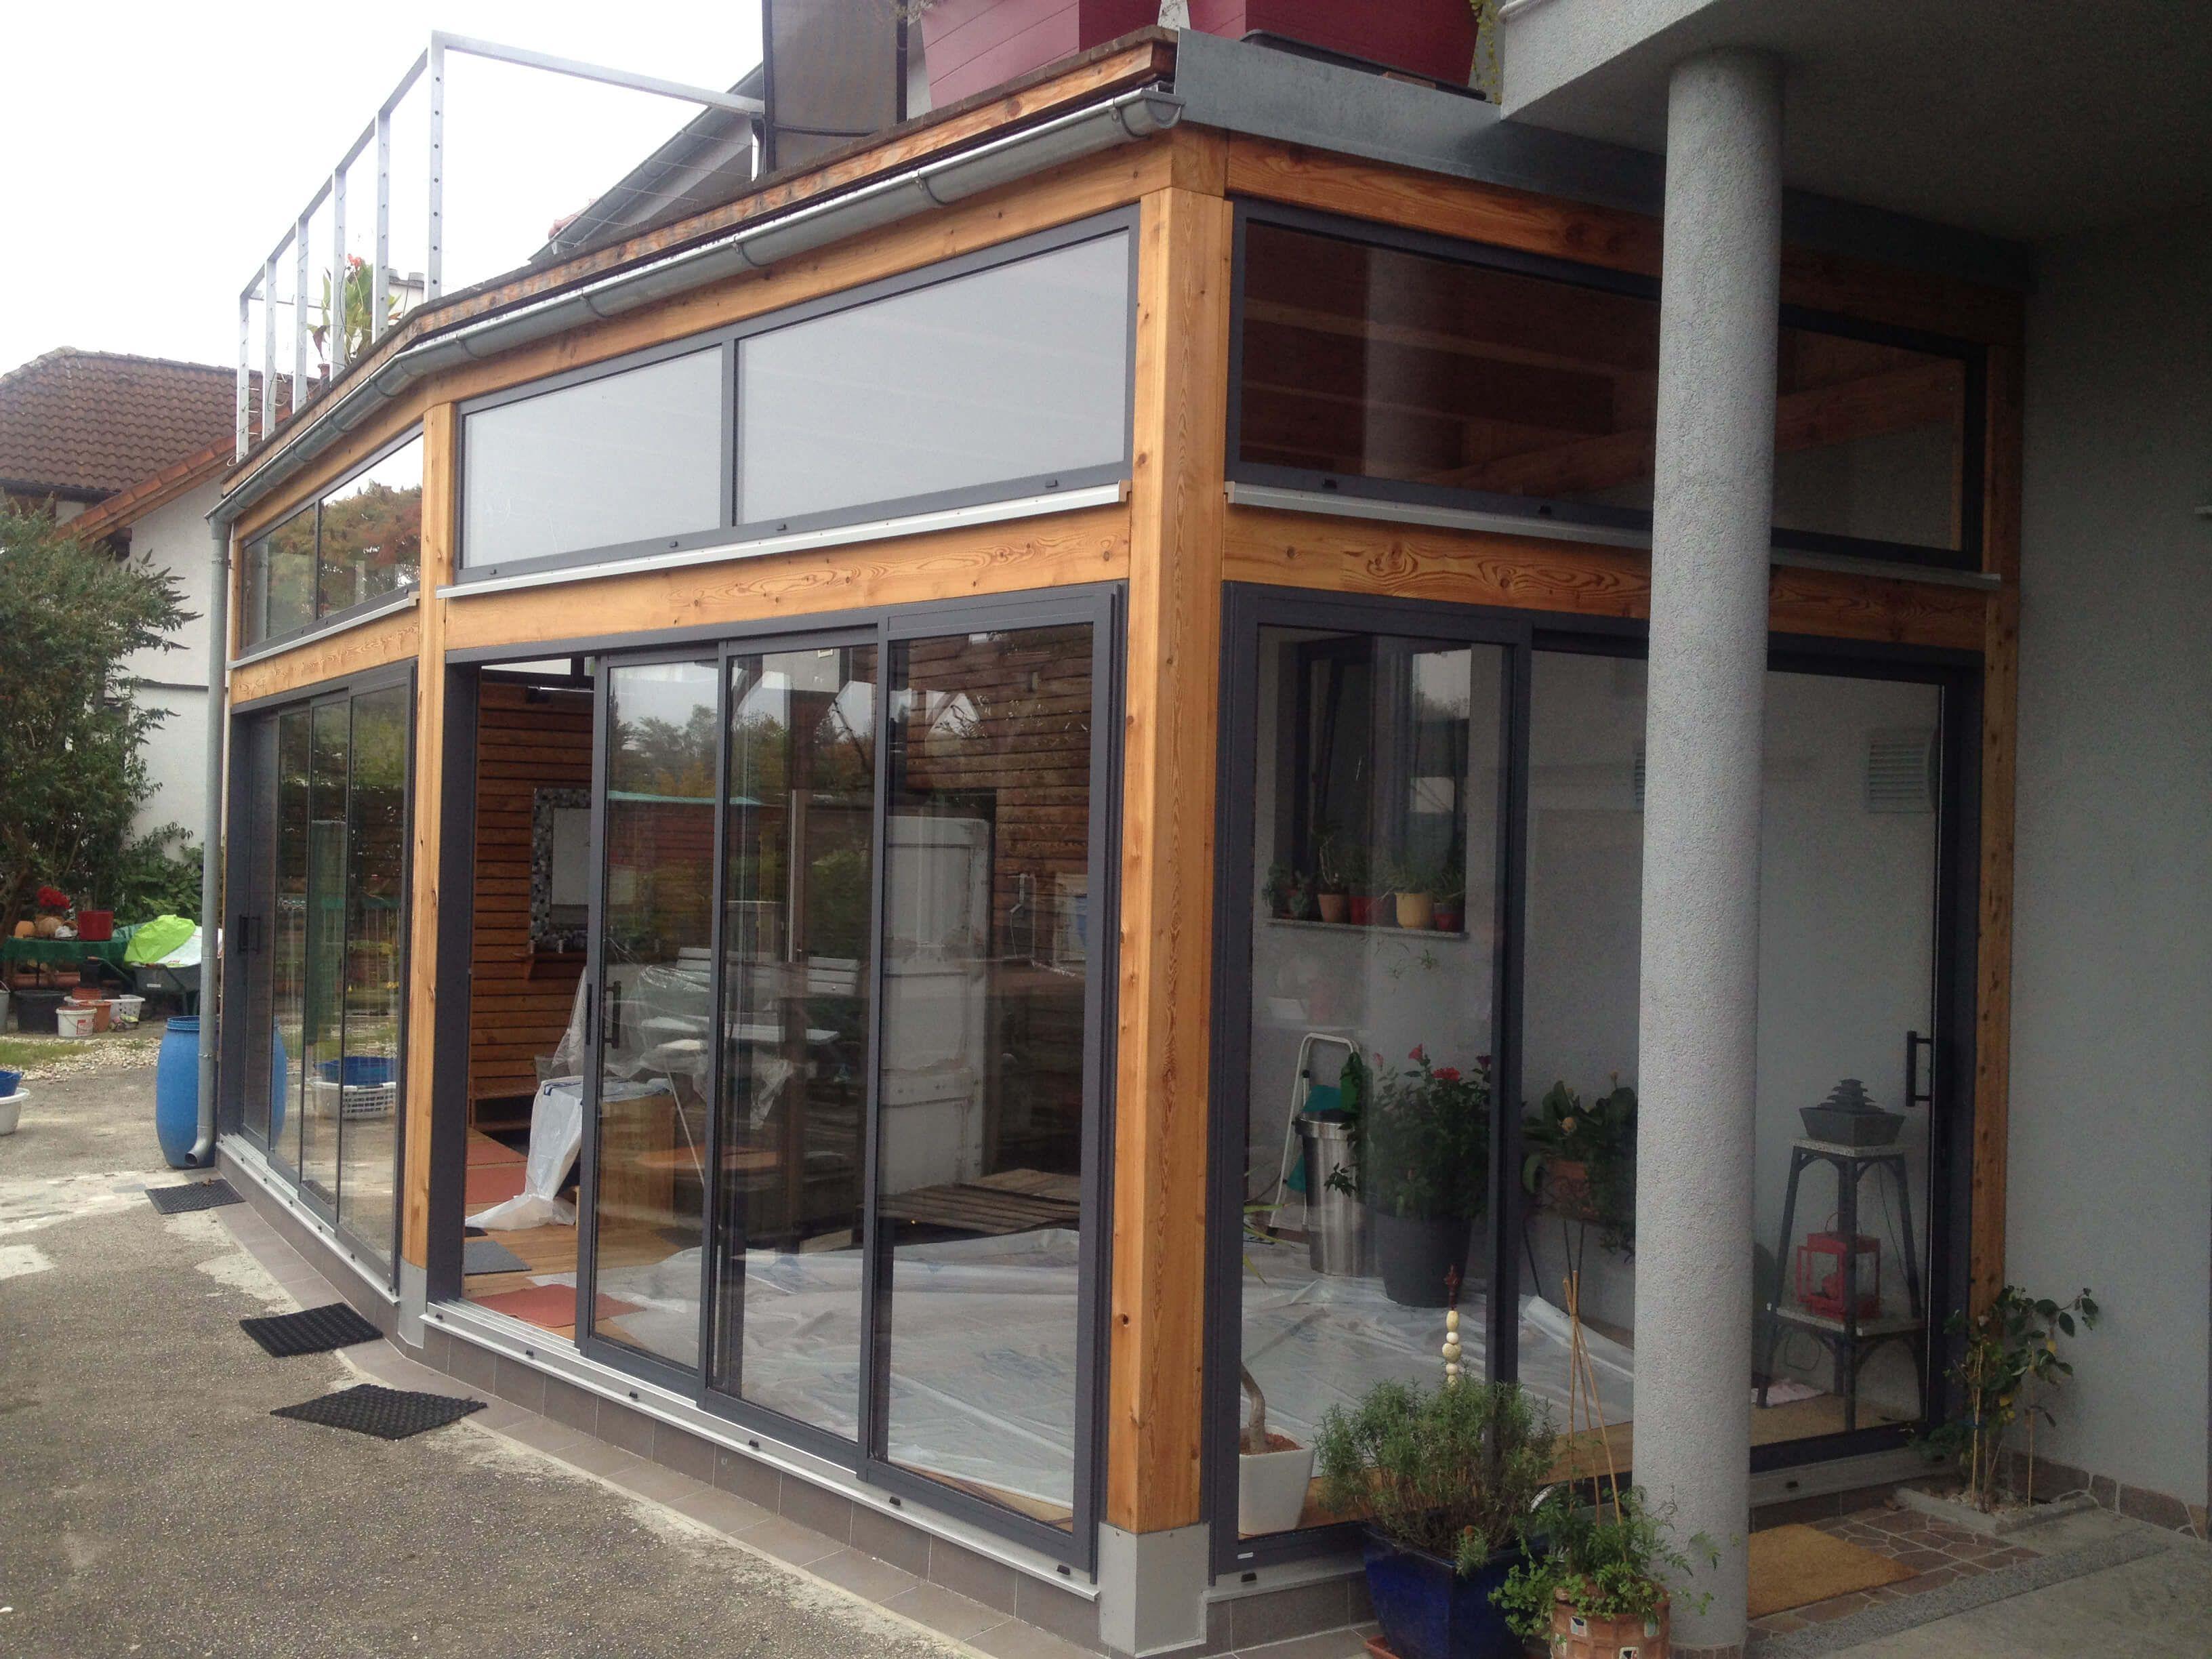 Anbau mit schiebefenster in holzkonstruktion - Schiebefenster selber bauen ...